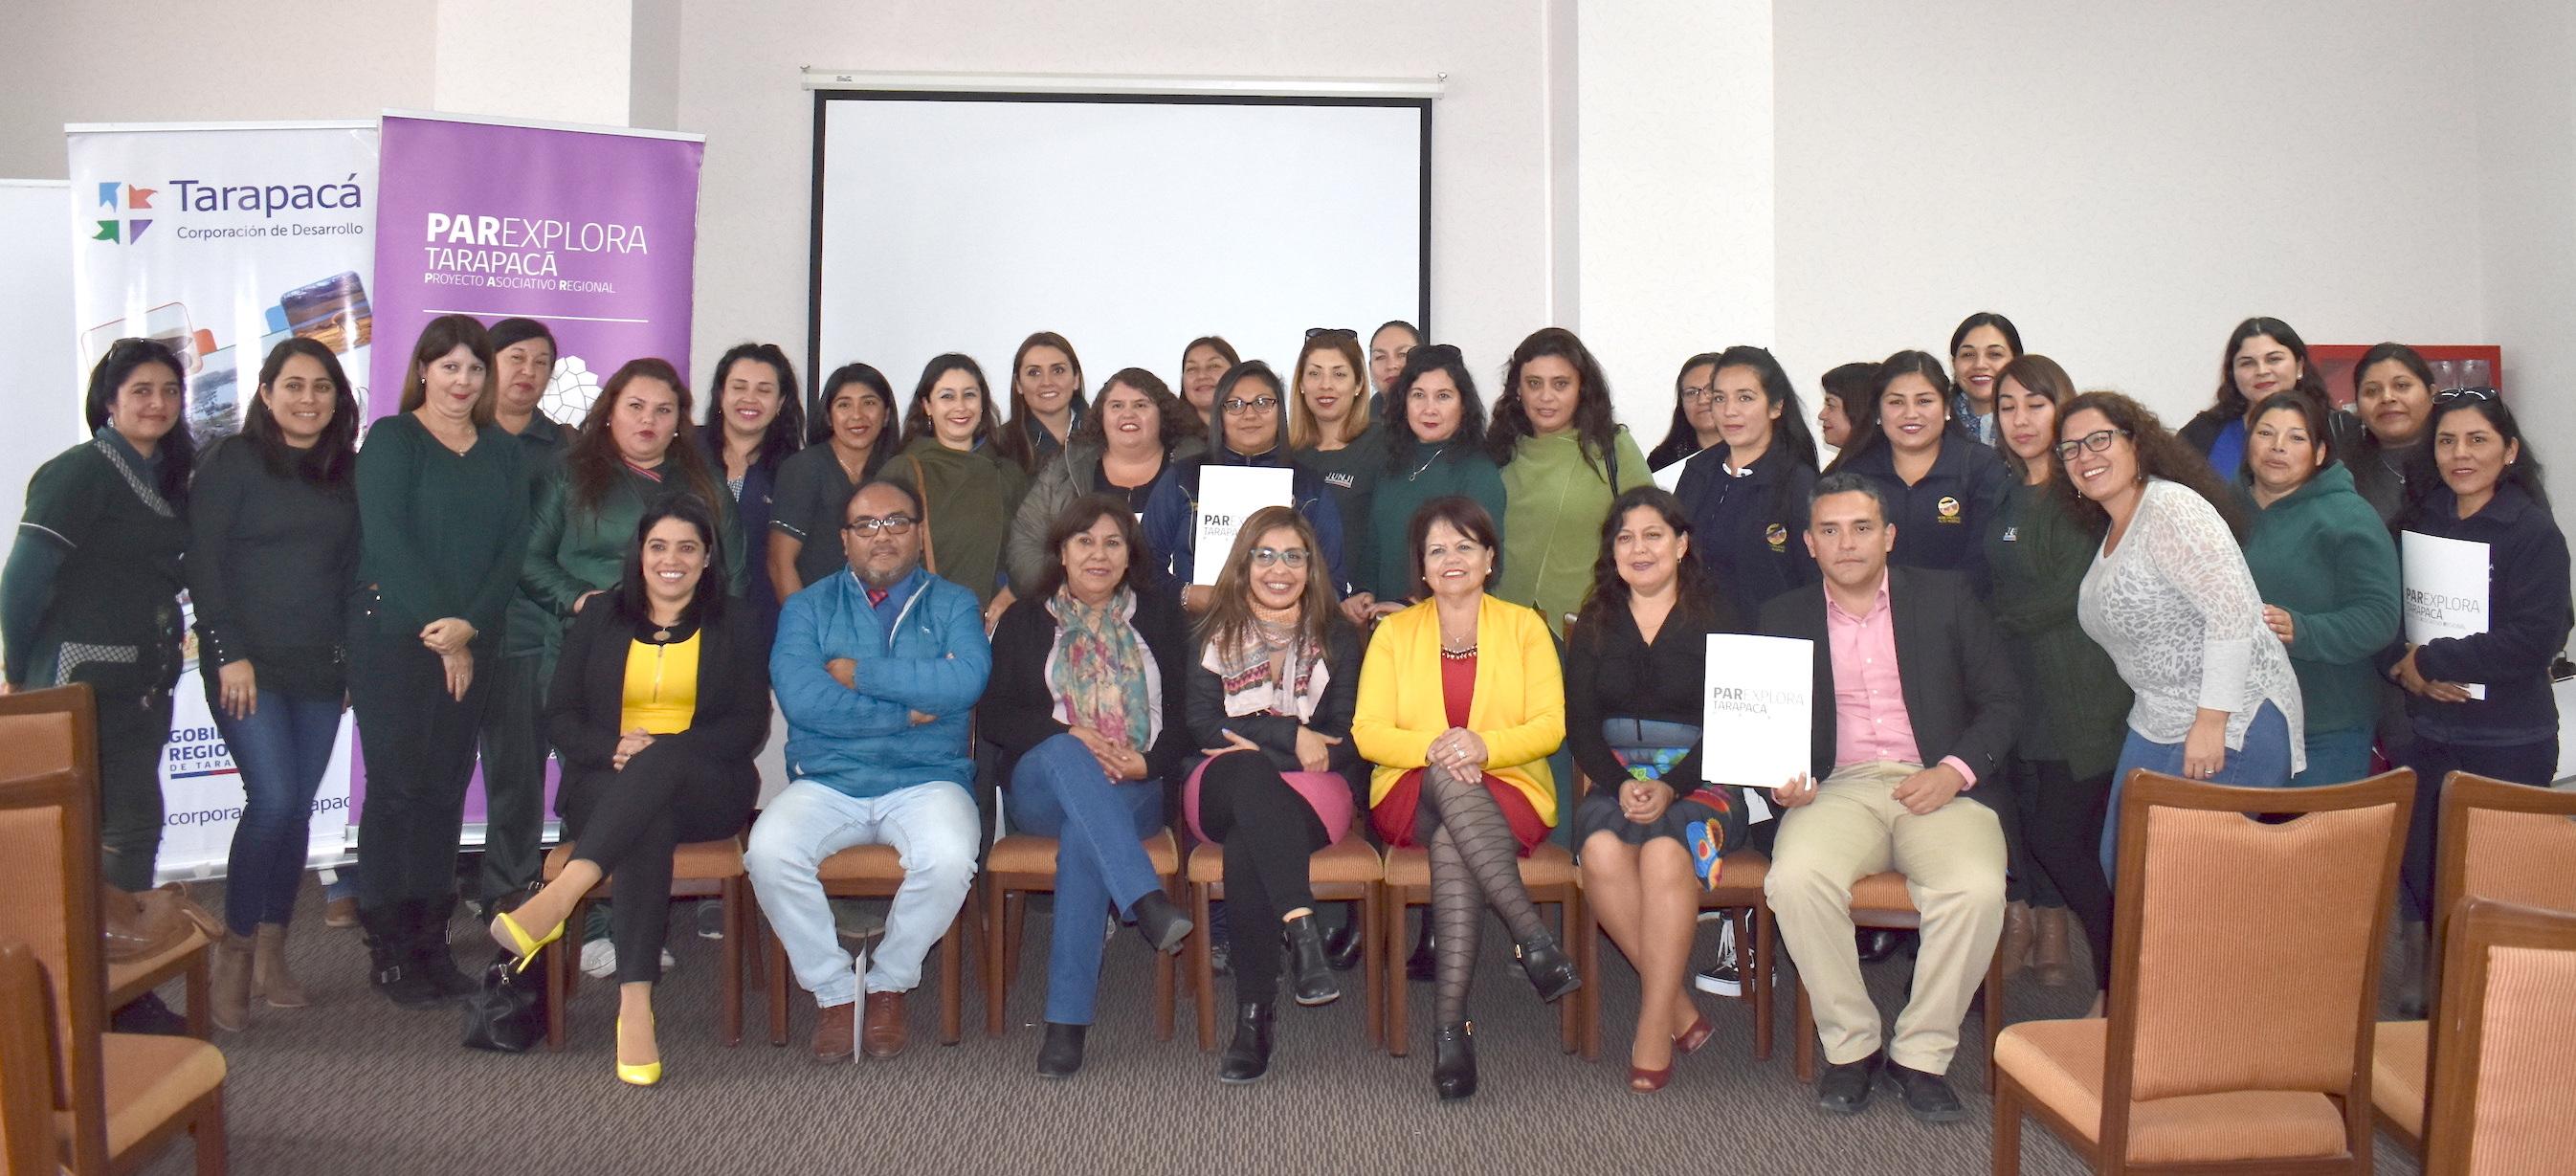 Photo of Explora Tarapacá firma convenio para implementar programa de ciencias en jardines infantiles